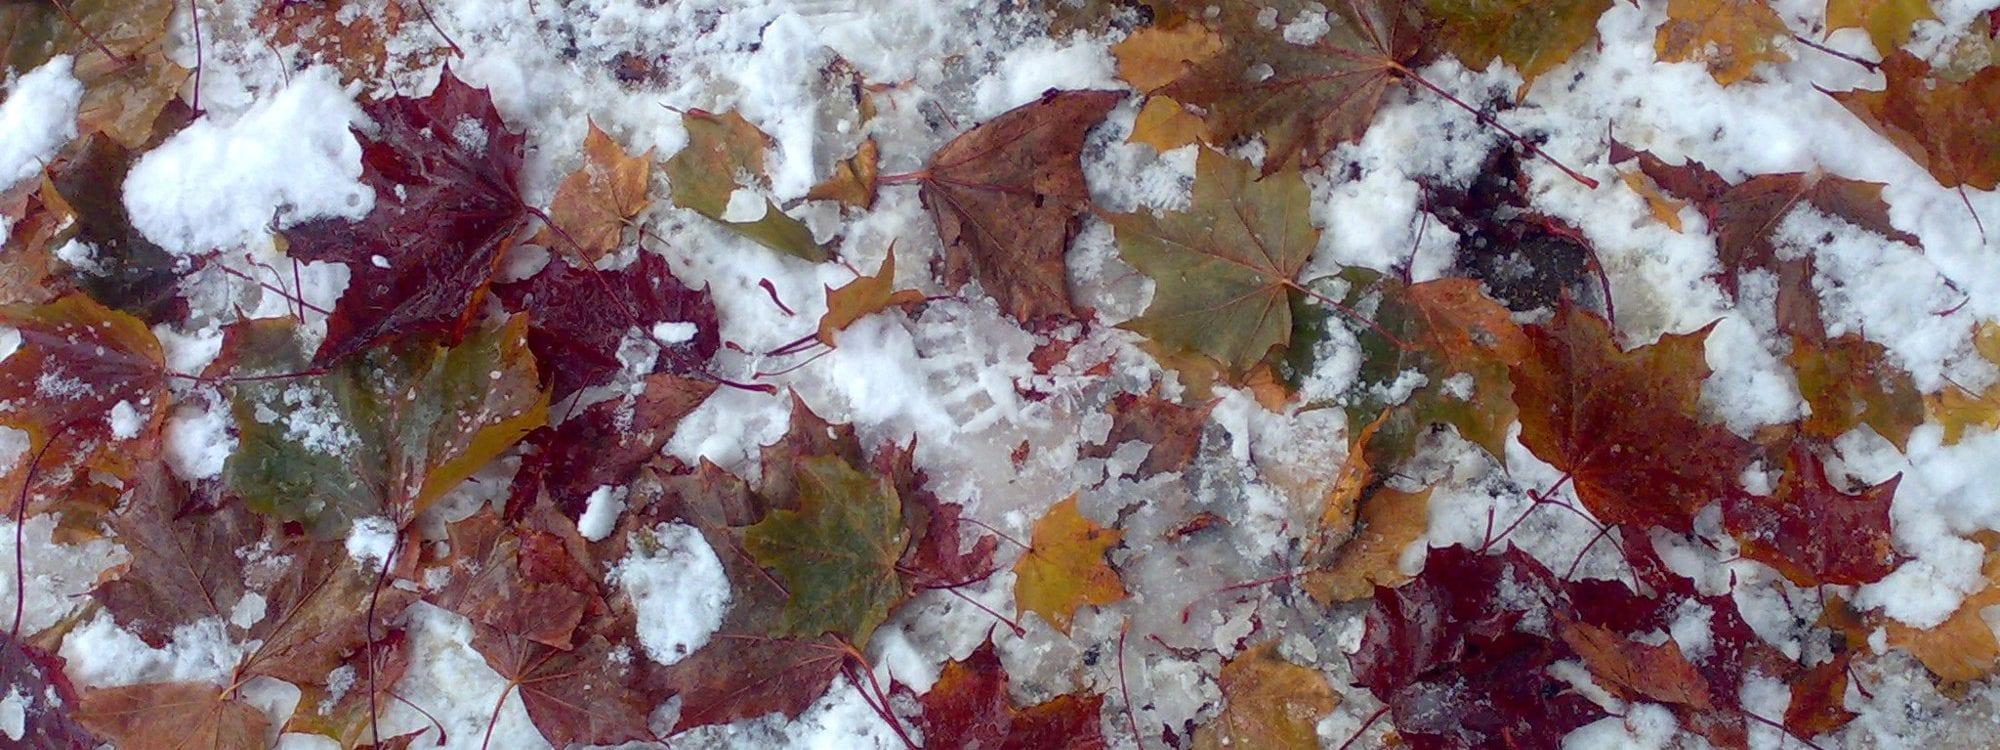 Värikkäät vaahteranlehdet lumella